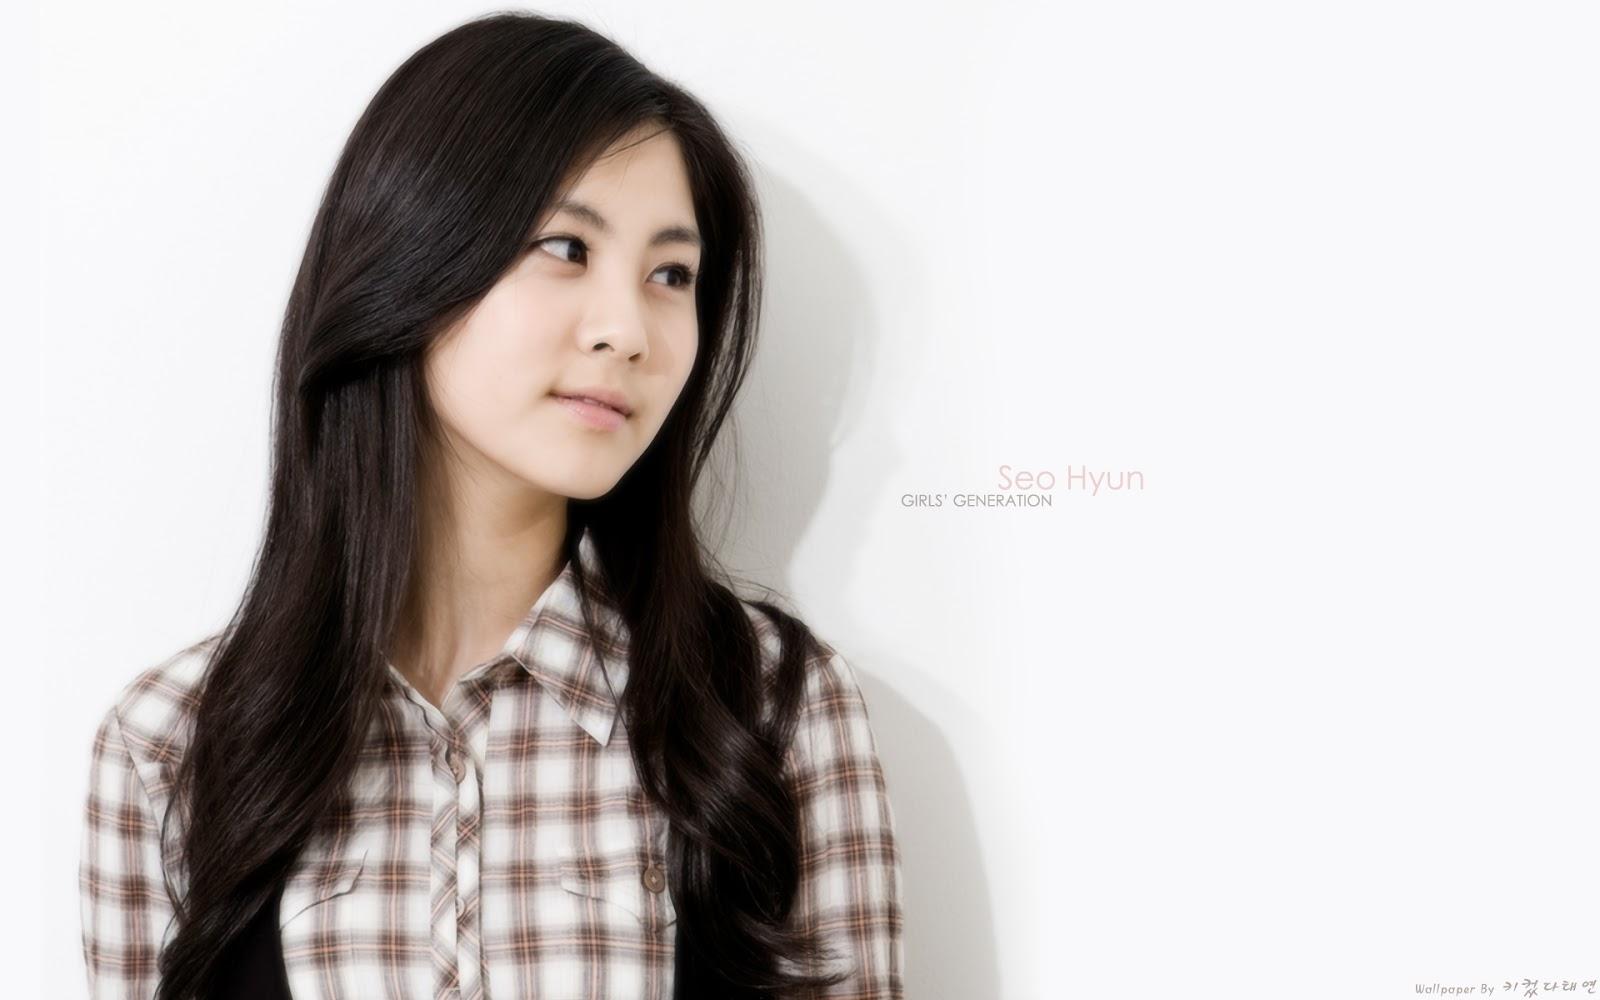 http://2.bp.blogspot.com/-YXEcpGgpcsE/UMVjhd9_NEI/AAAAAAAABaw/tL8Po-0PsWI/s1600/-Women-Girls-Generation-Snsd-Celebrity-Seohyun-Singers-Hd-Wallpaper--.jpg